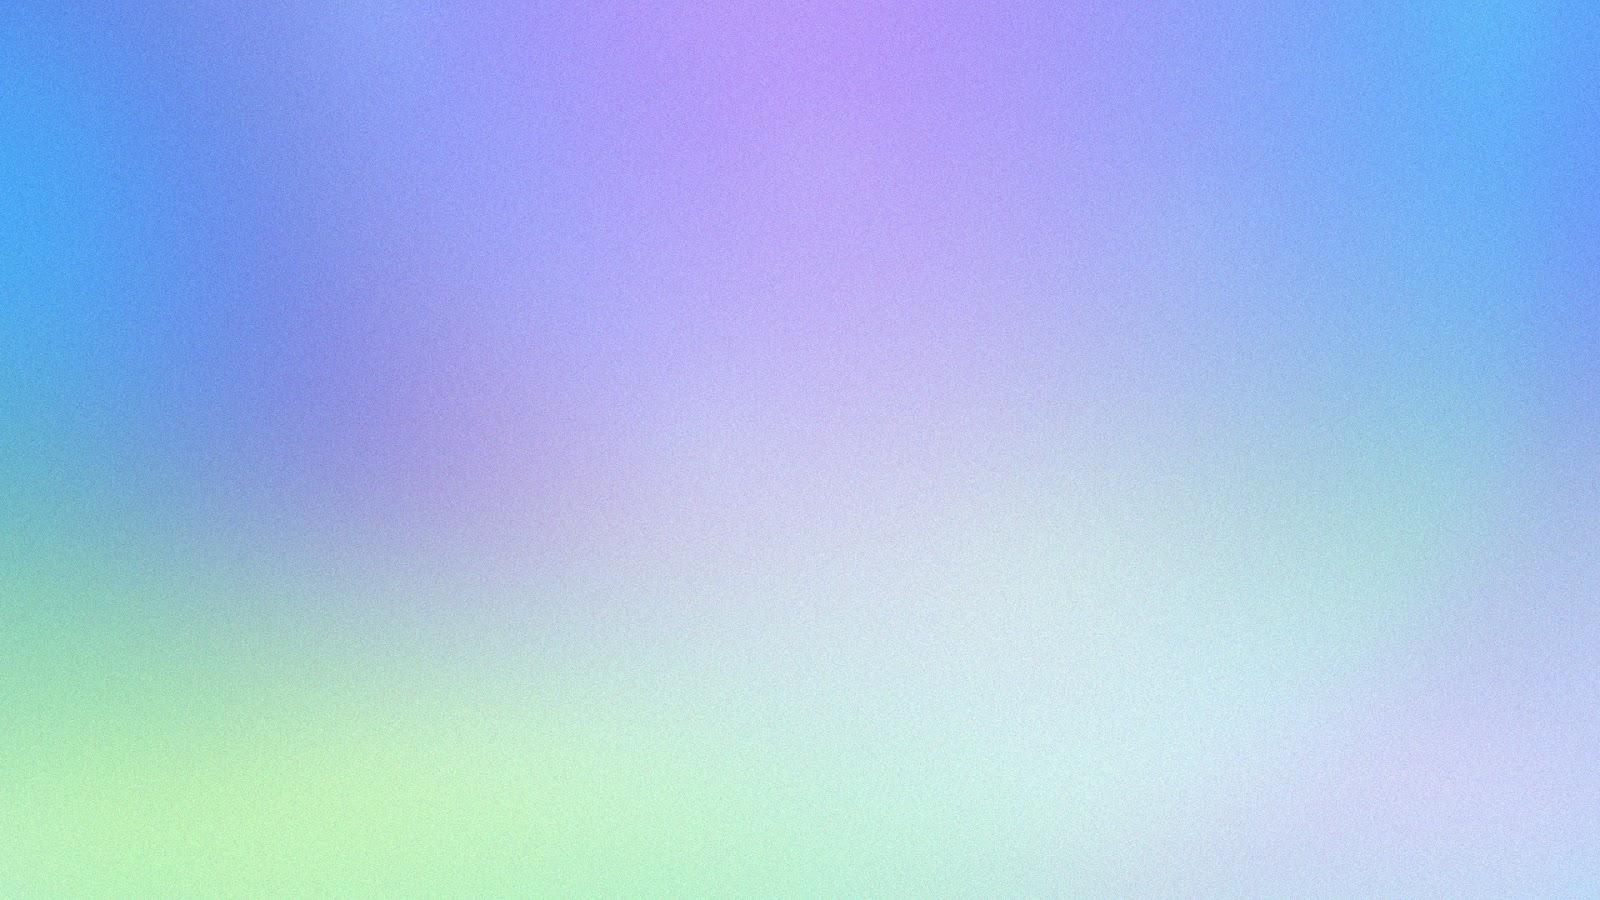 Fondos Abstractos De Colores: Fondos Para Ti: Textura